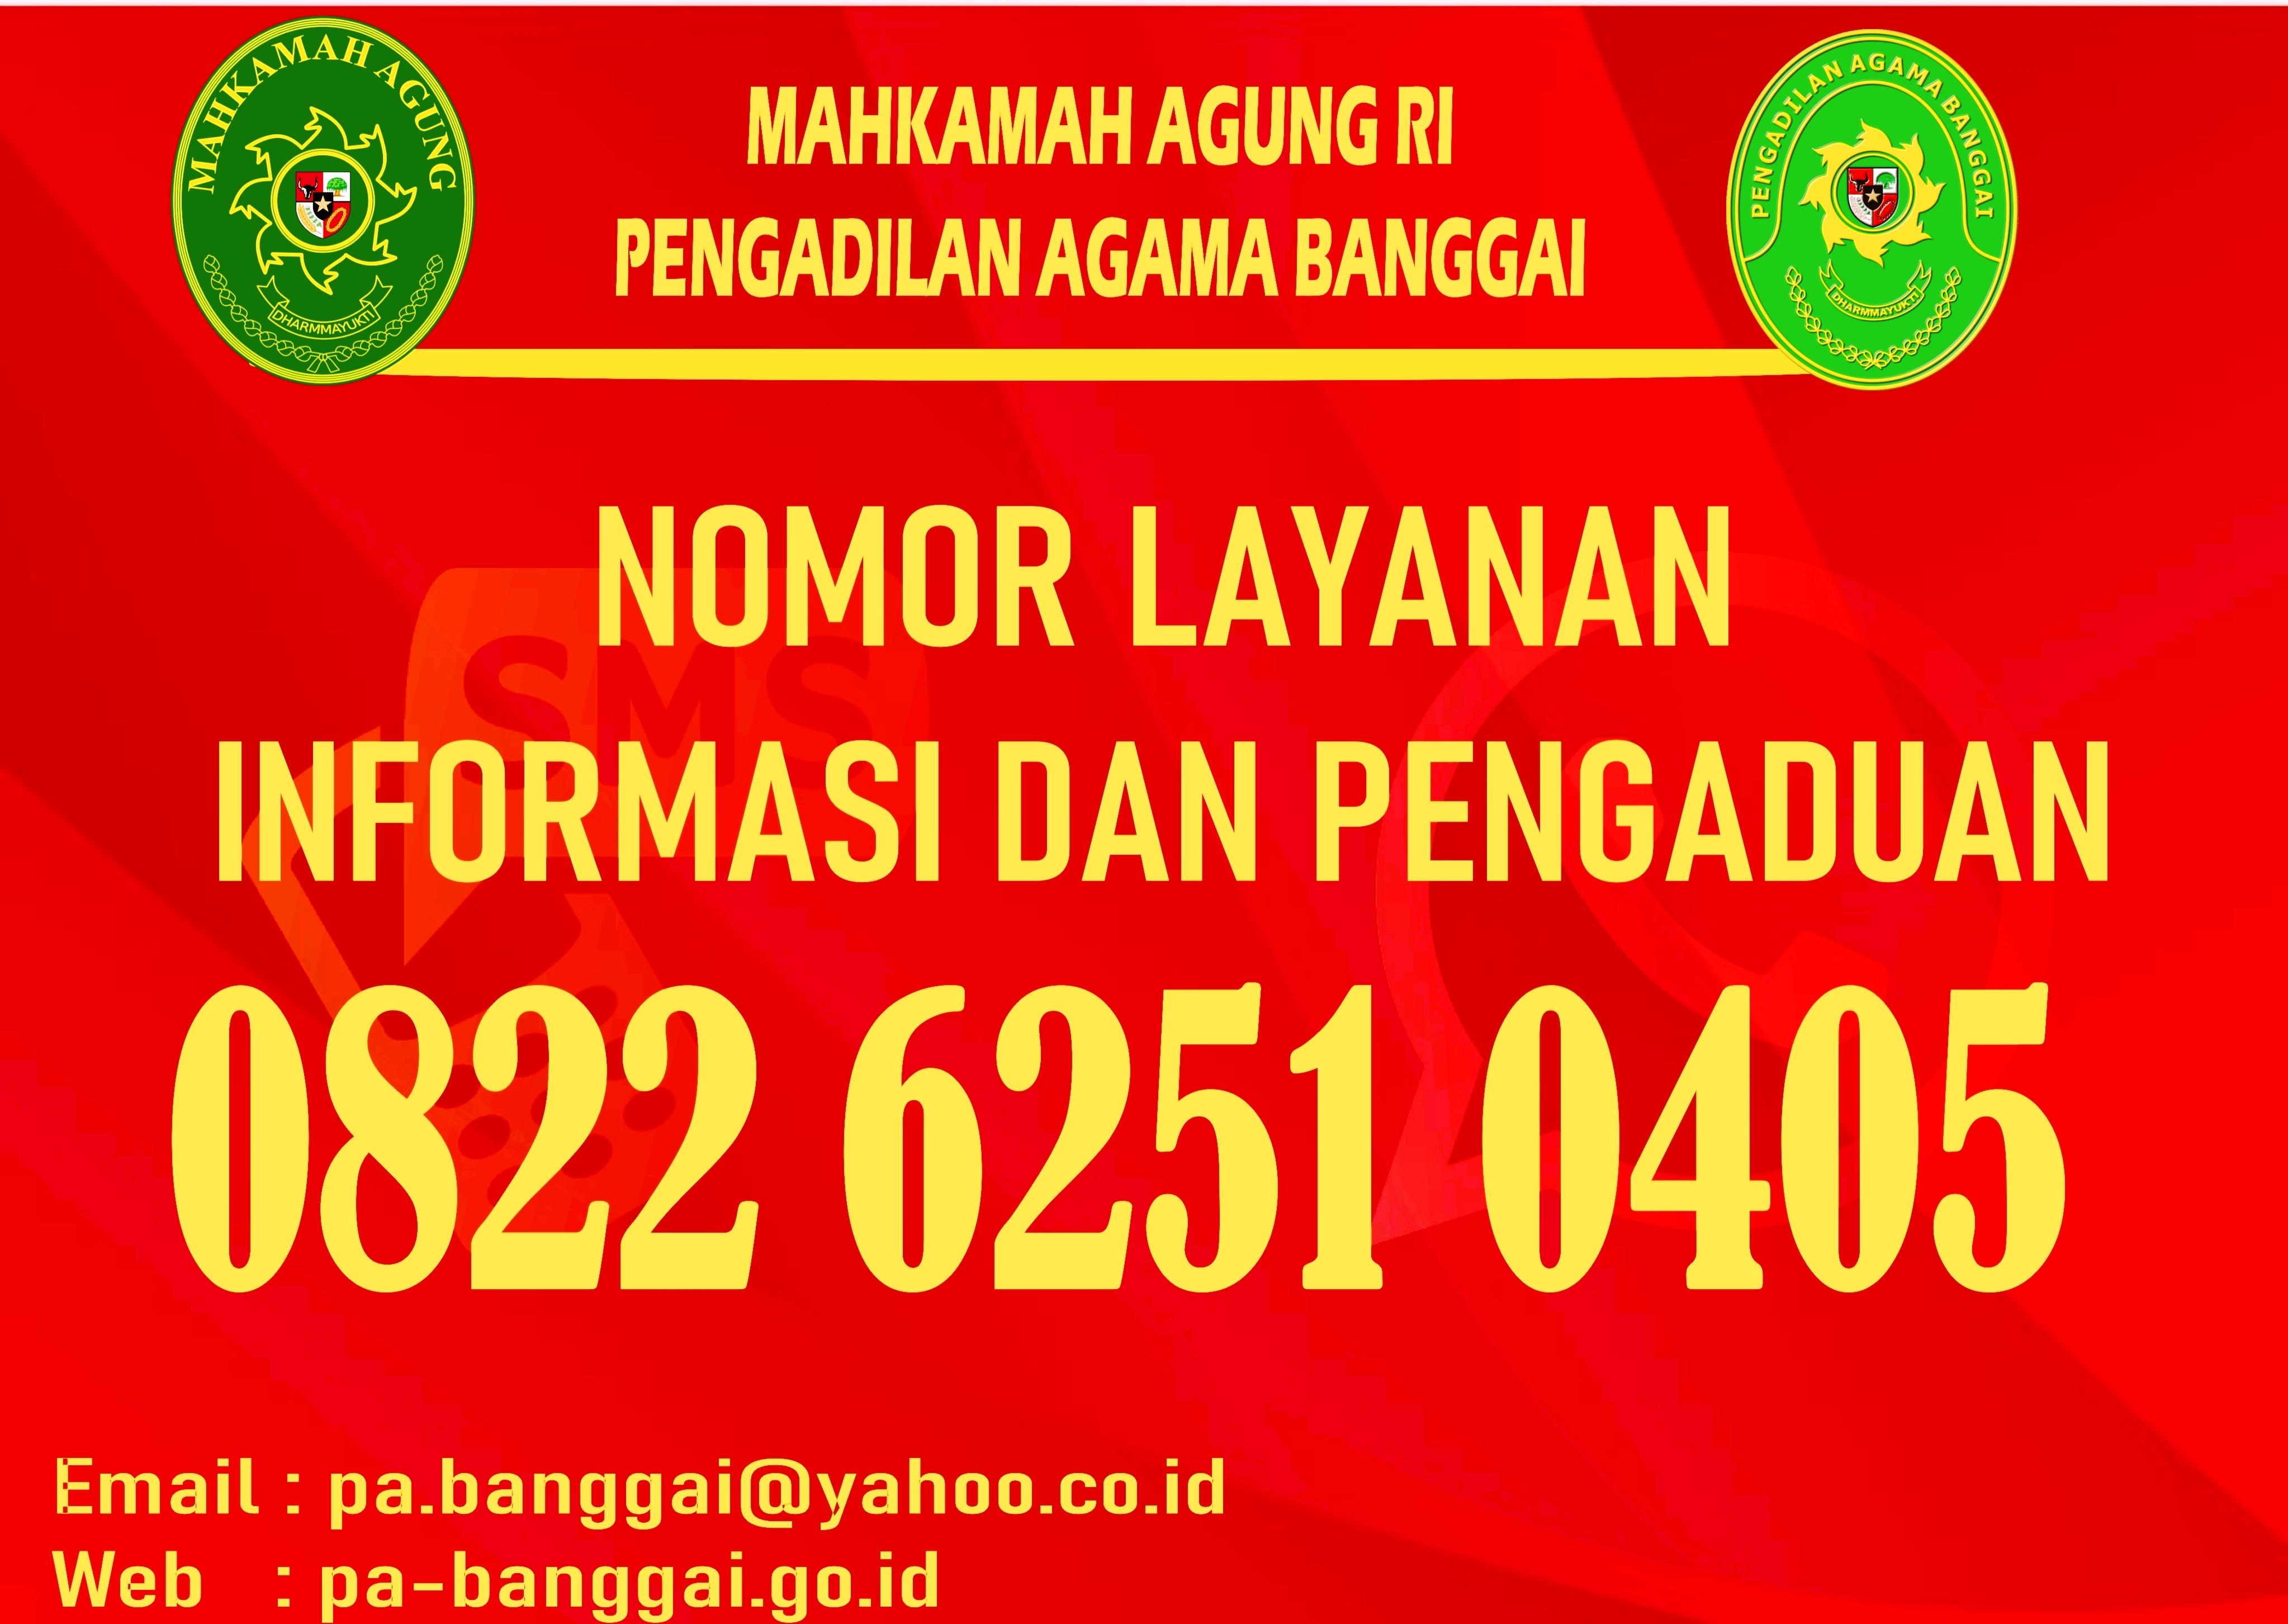 Nomor Layanan Informasi dan Pengaduan